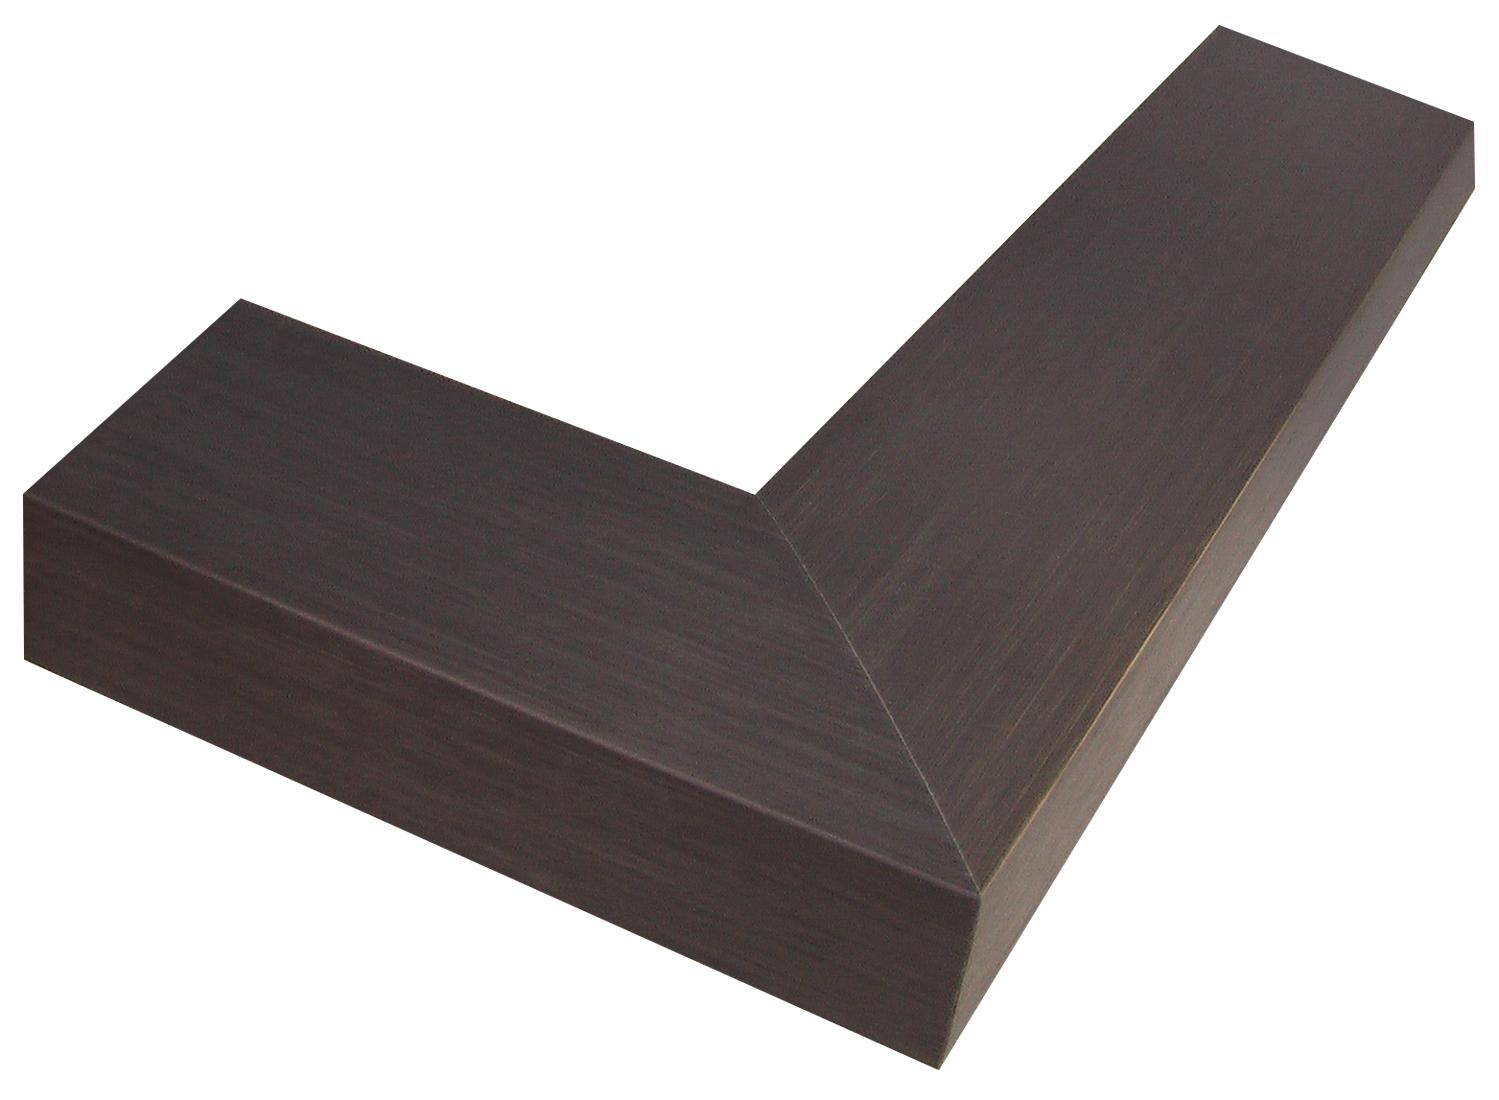 graphit Leiste aluminium